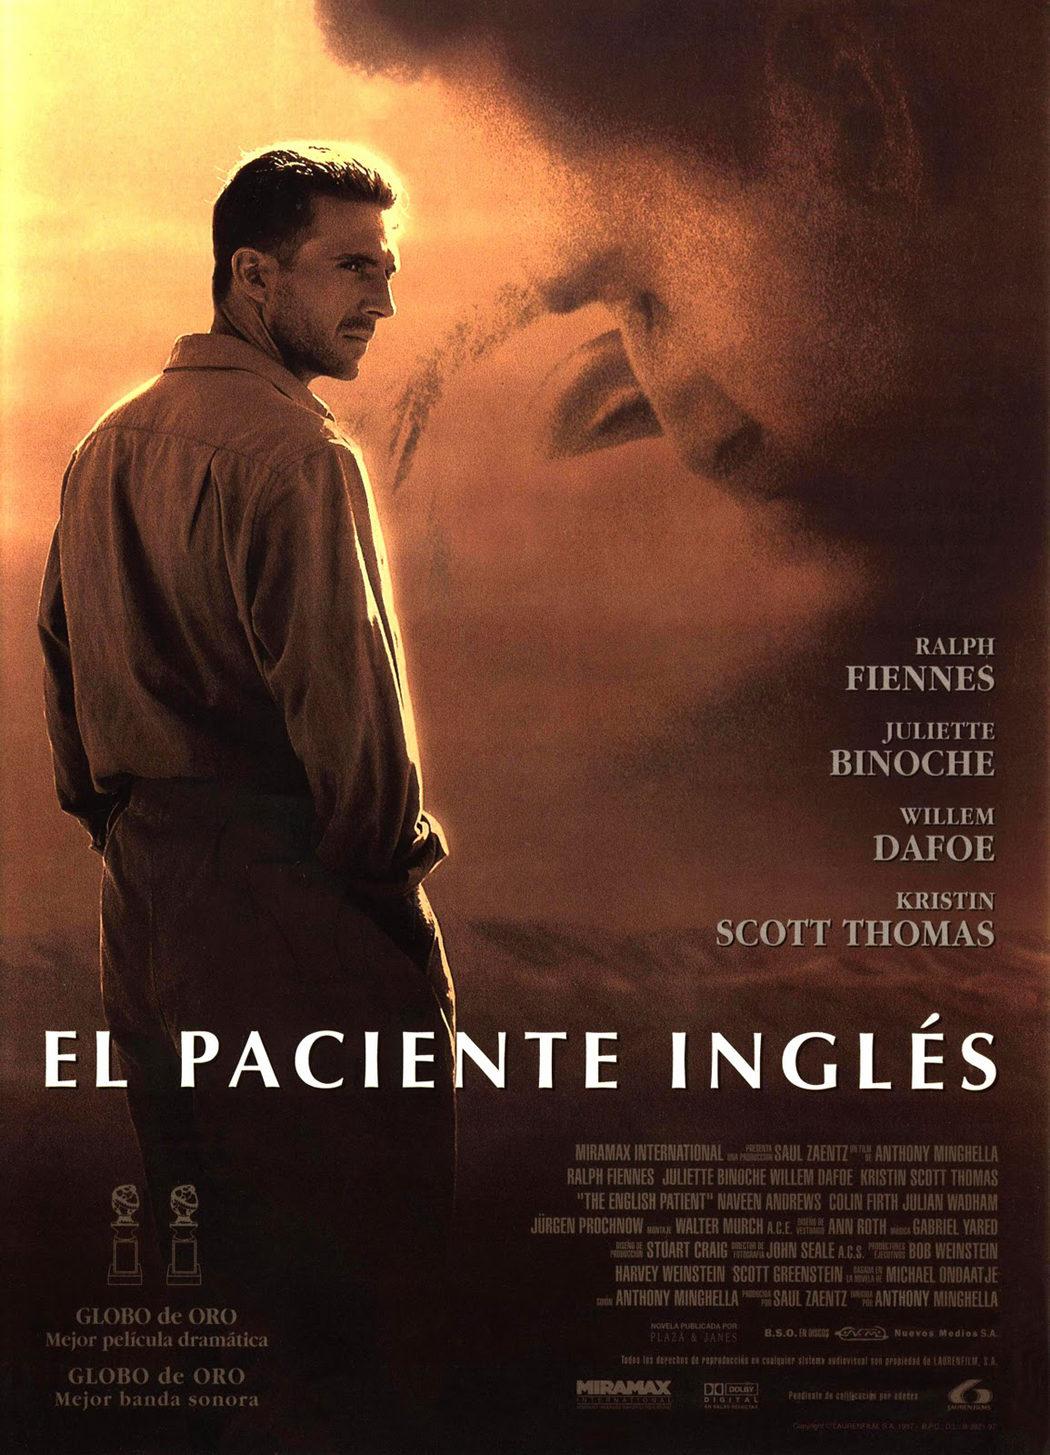 'El paciente inglés' (1996)